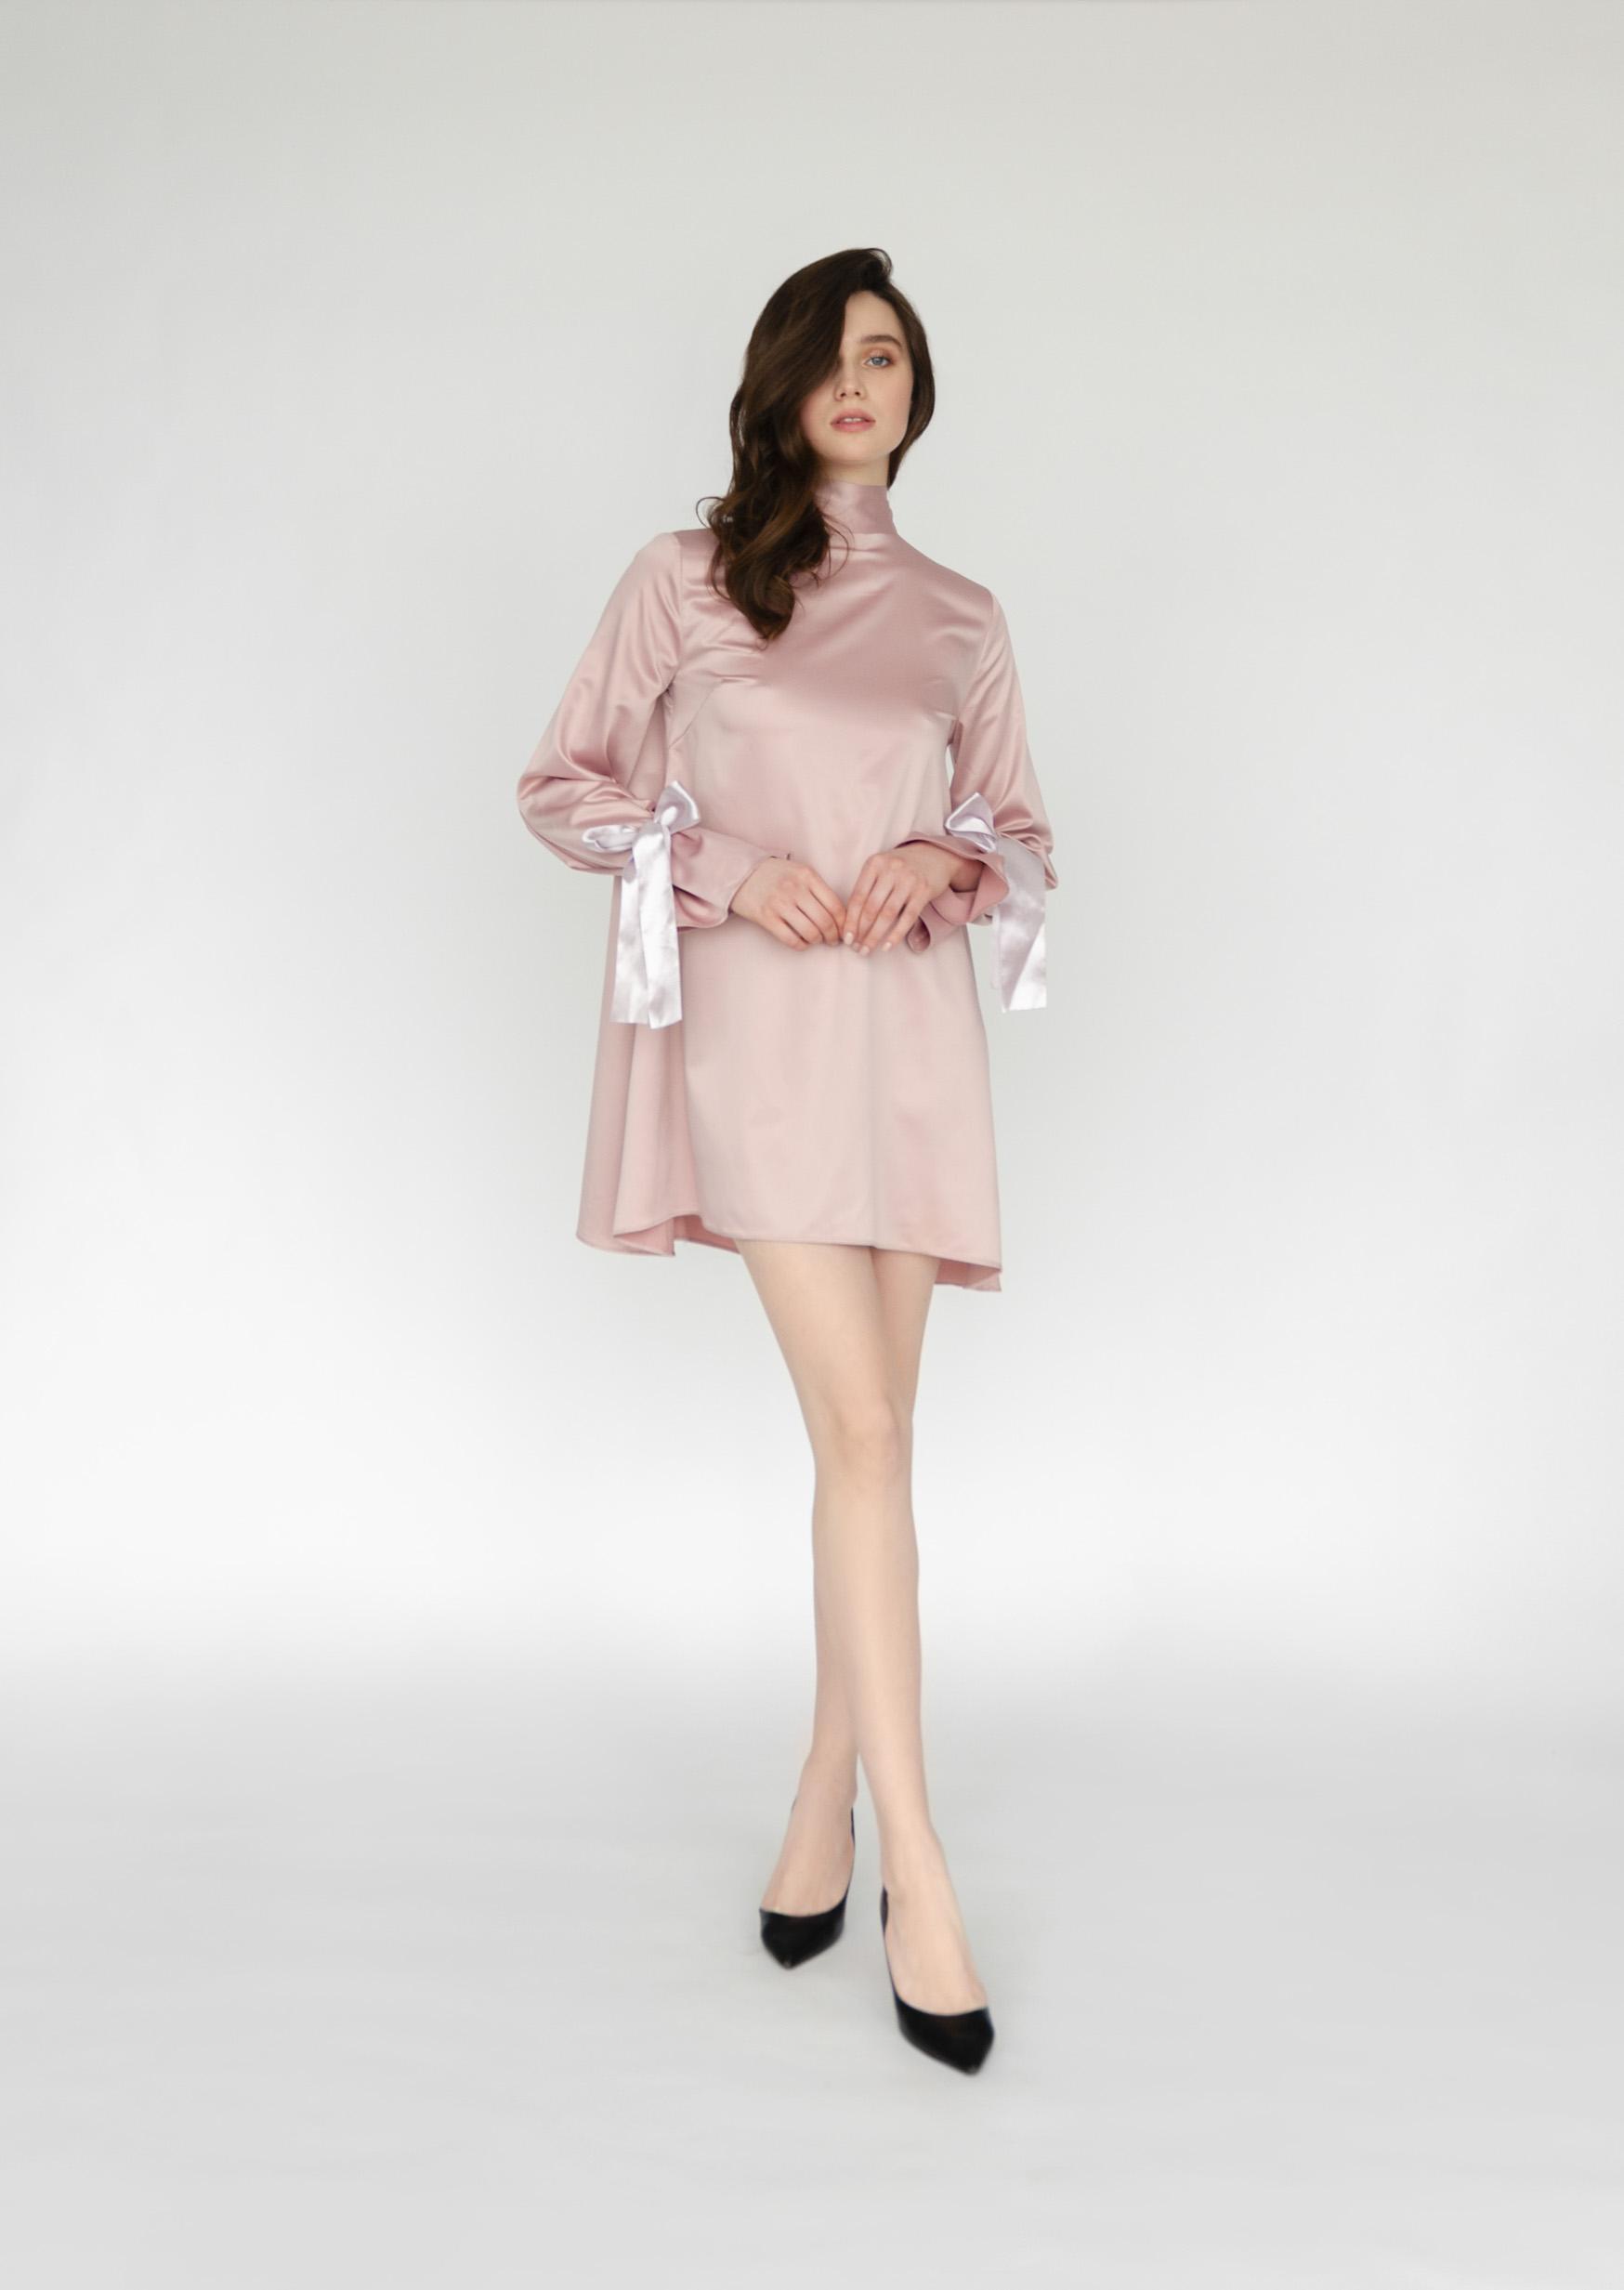 Pink pearl dress satin sexy short backless bridesmaid dress